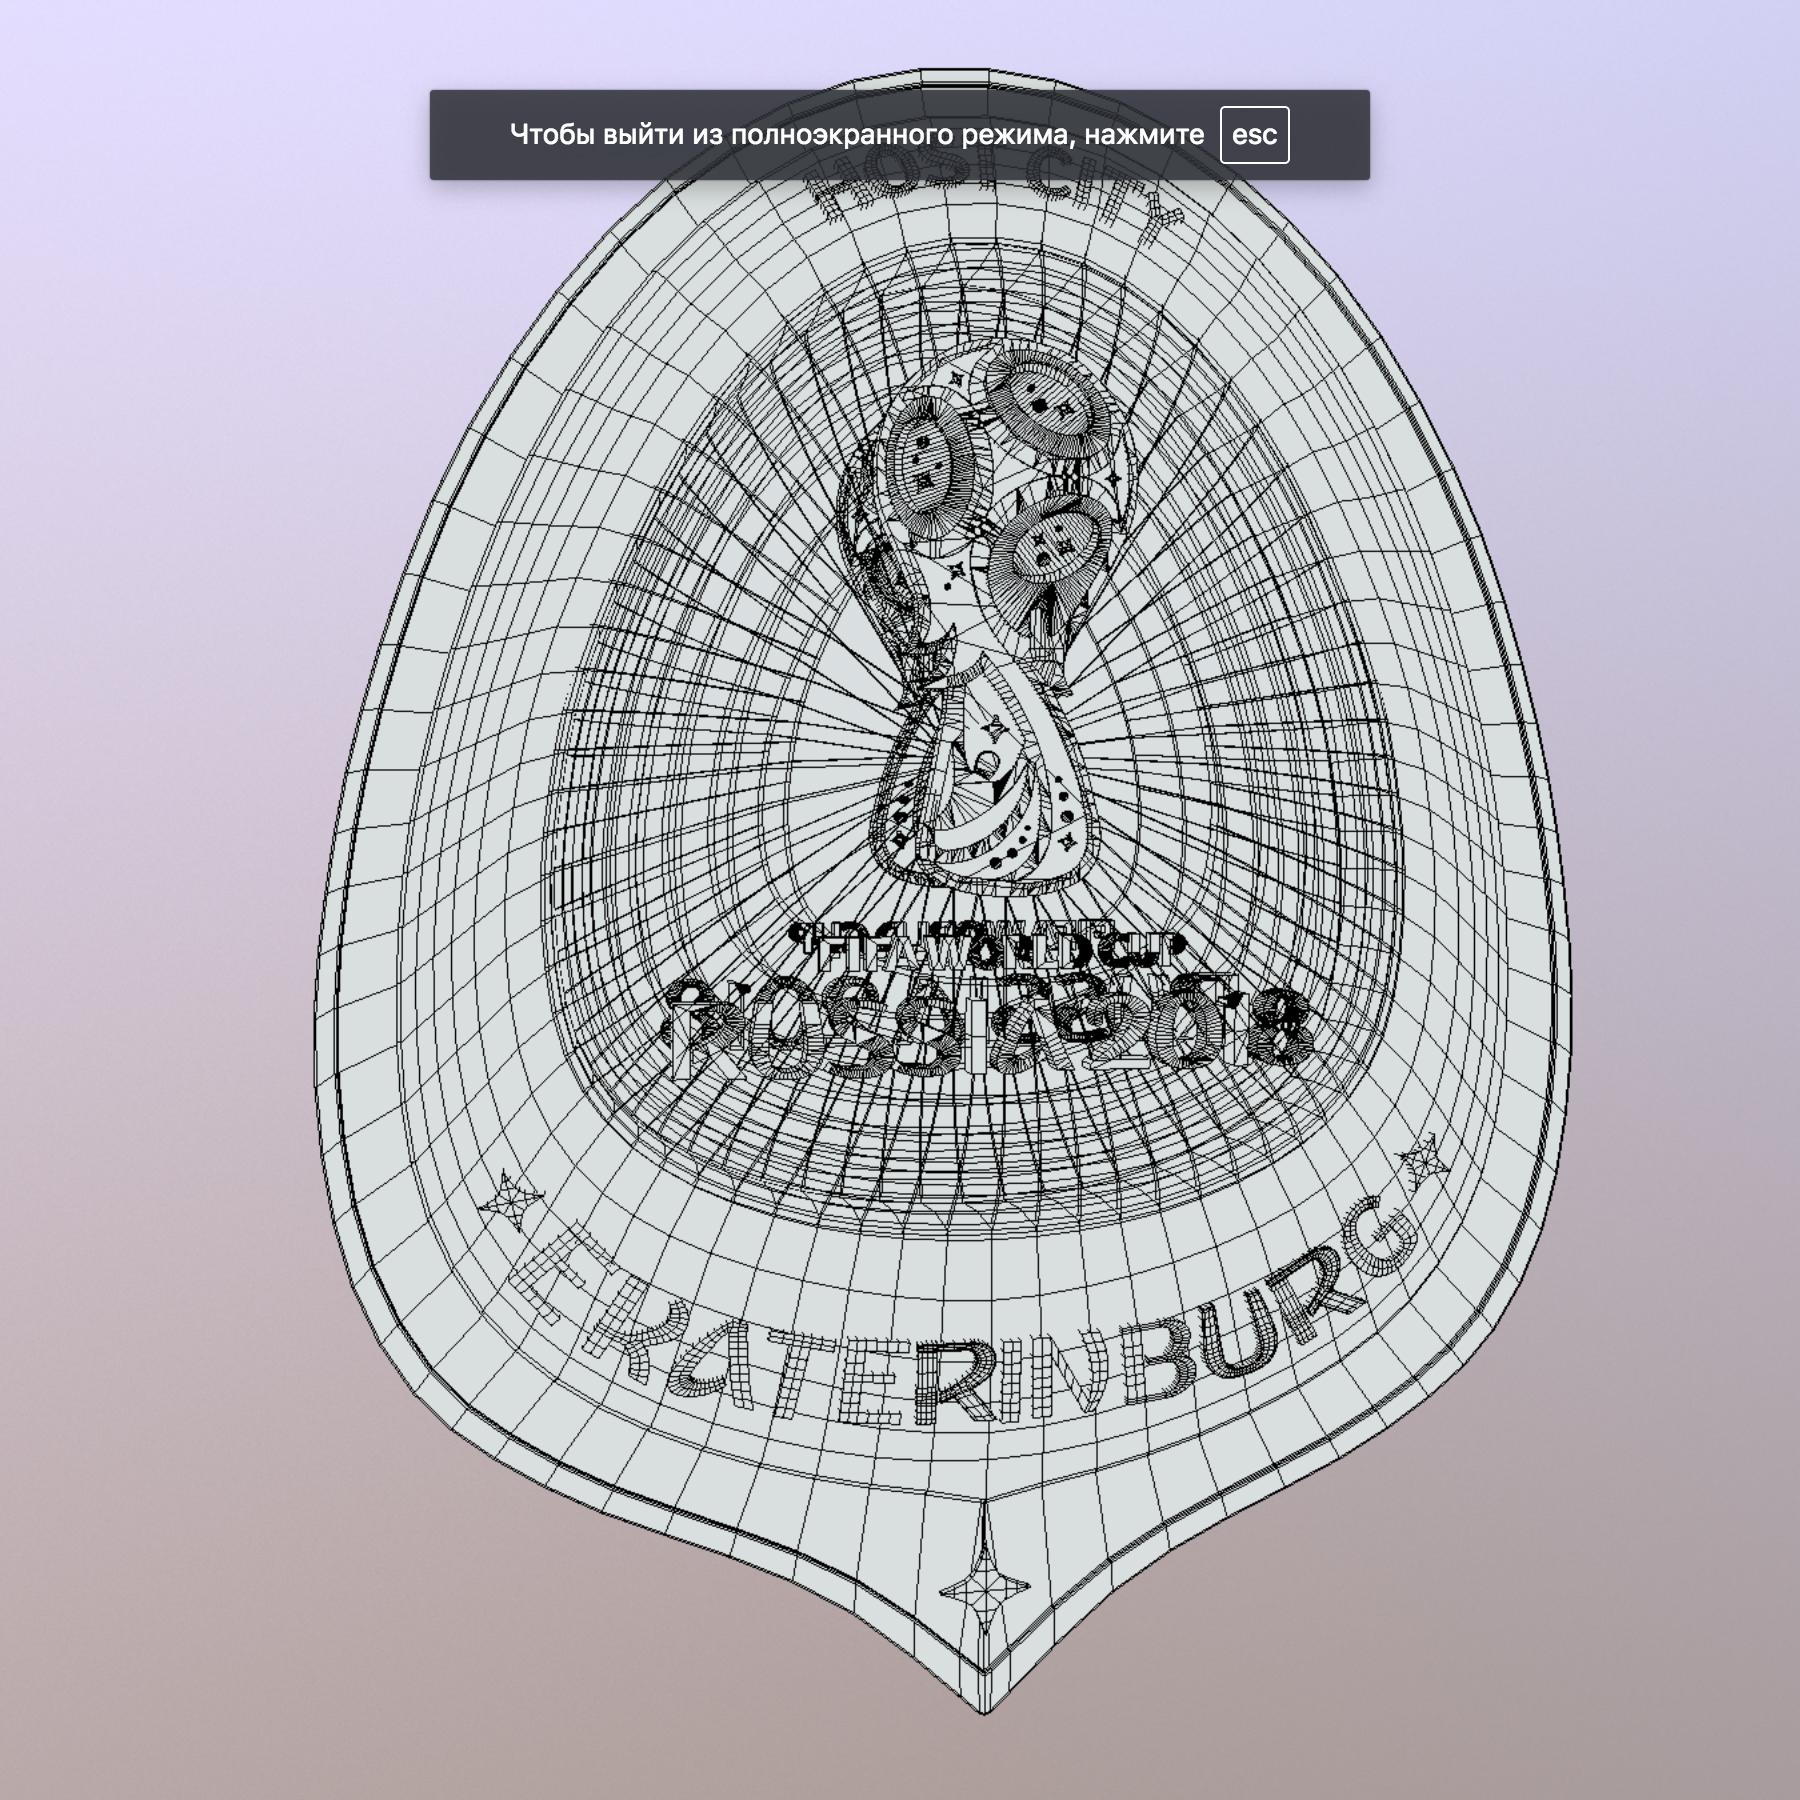 ekaterinburg city world cup russia 2018 symbol 3d model max  fbx jpeg jpg ma mb obj 271742